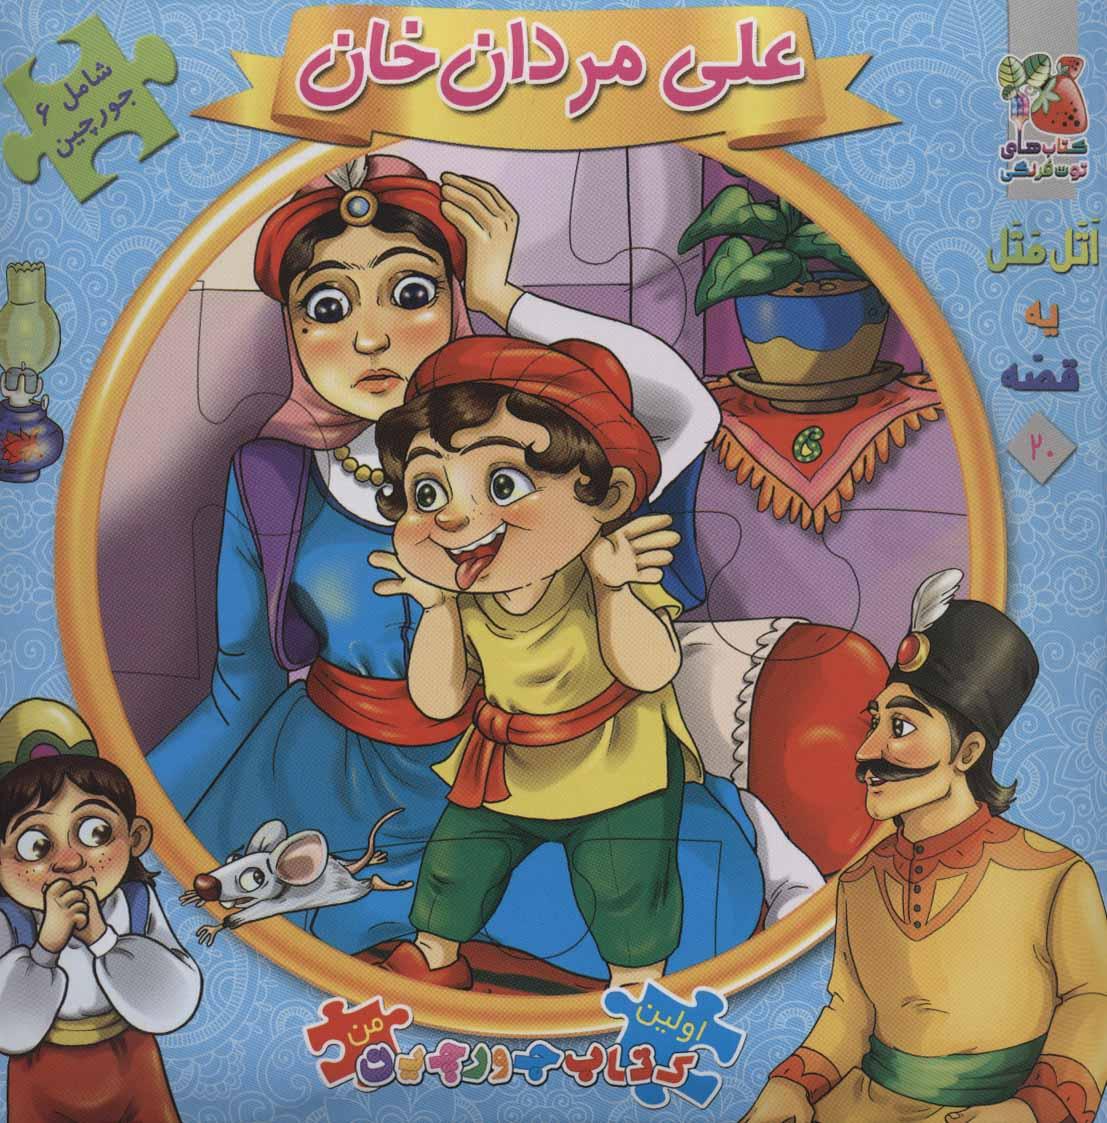 اتل متل یه قصه20 (علی مردان خان)،(اولین کتاب پازل من)،(گلاسه)